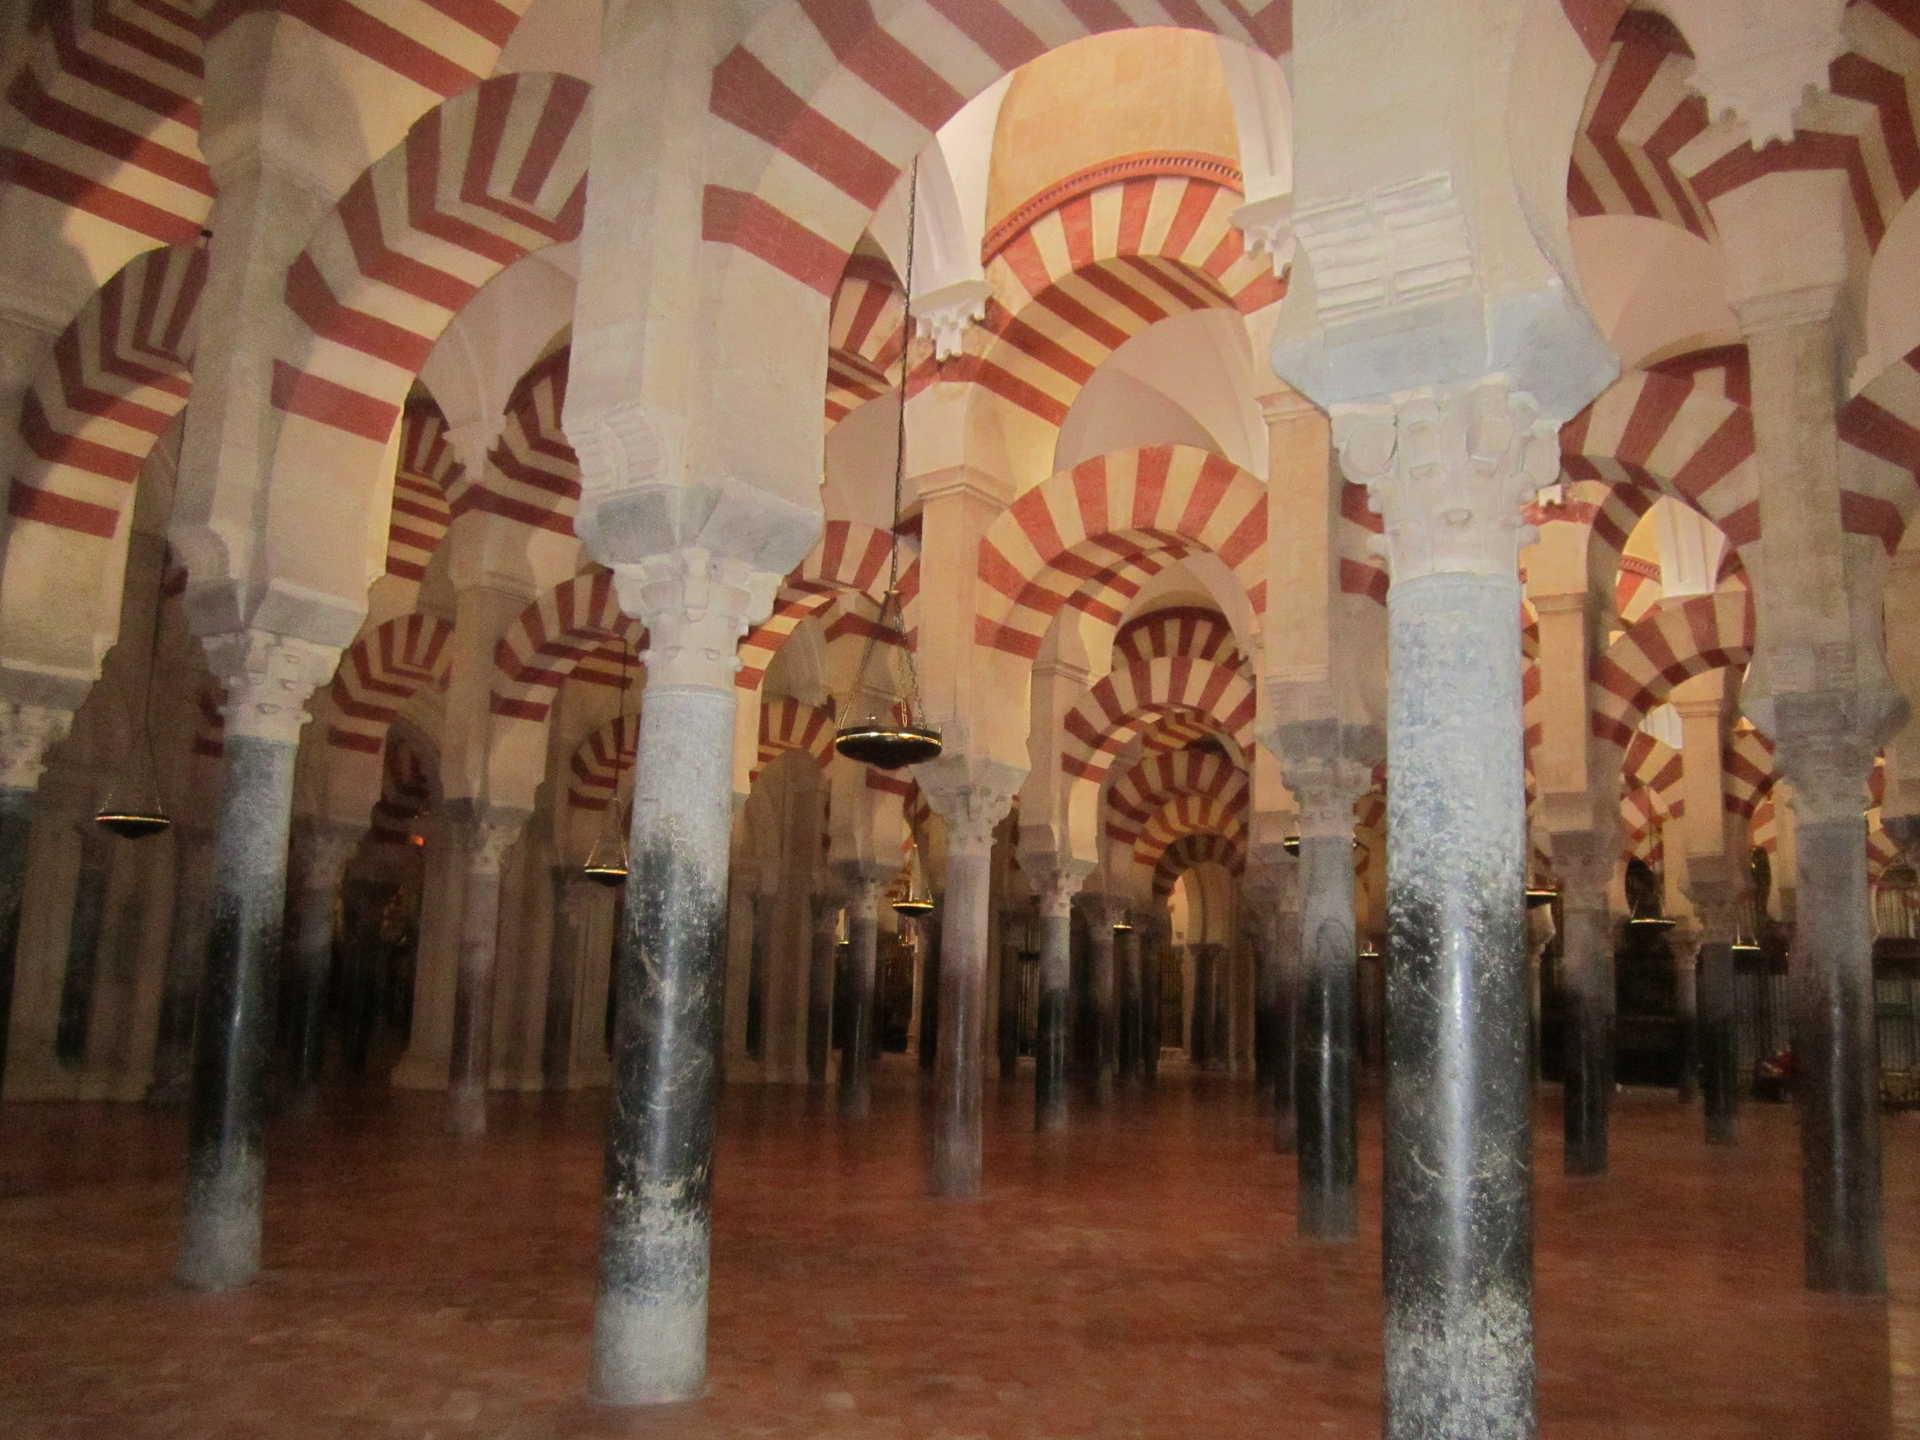 Führung: Moschee-Kathedrale, jüdisches Viertel und Synagoge